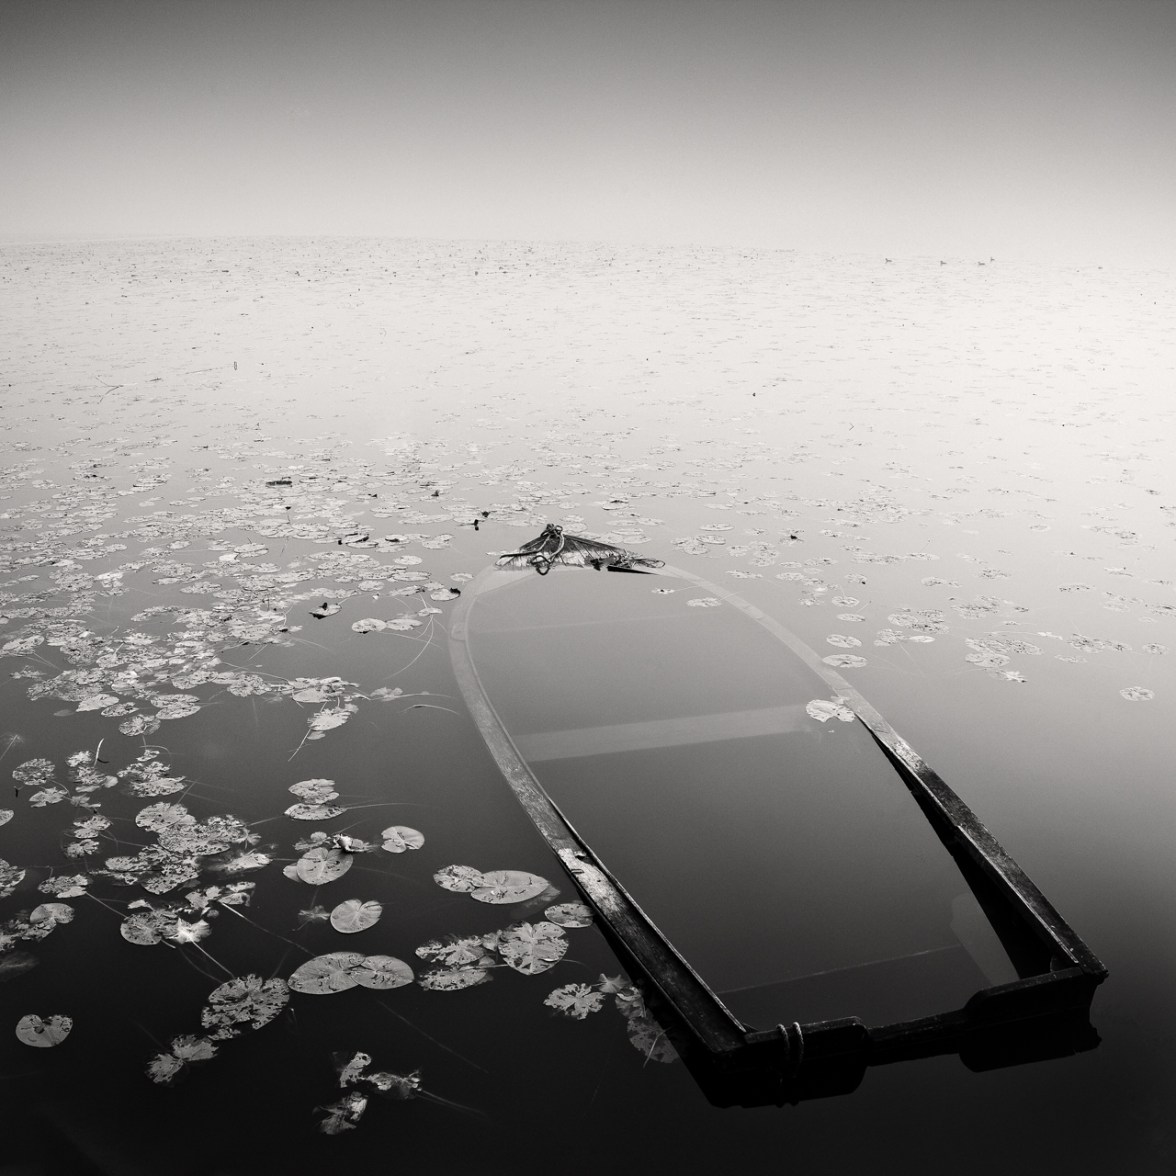 Submerged,2013, © Frang Dushaj